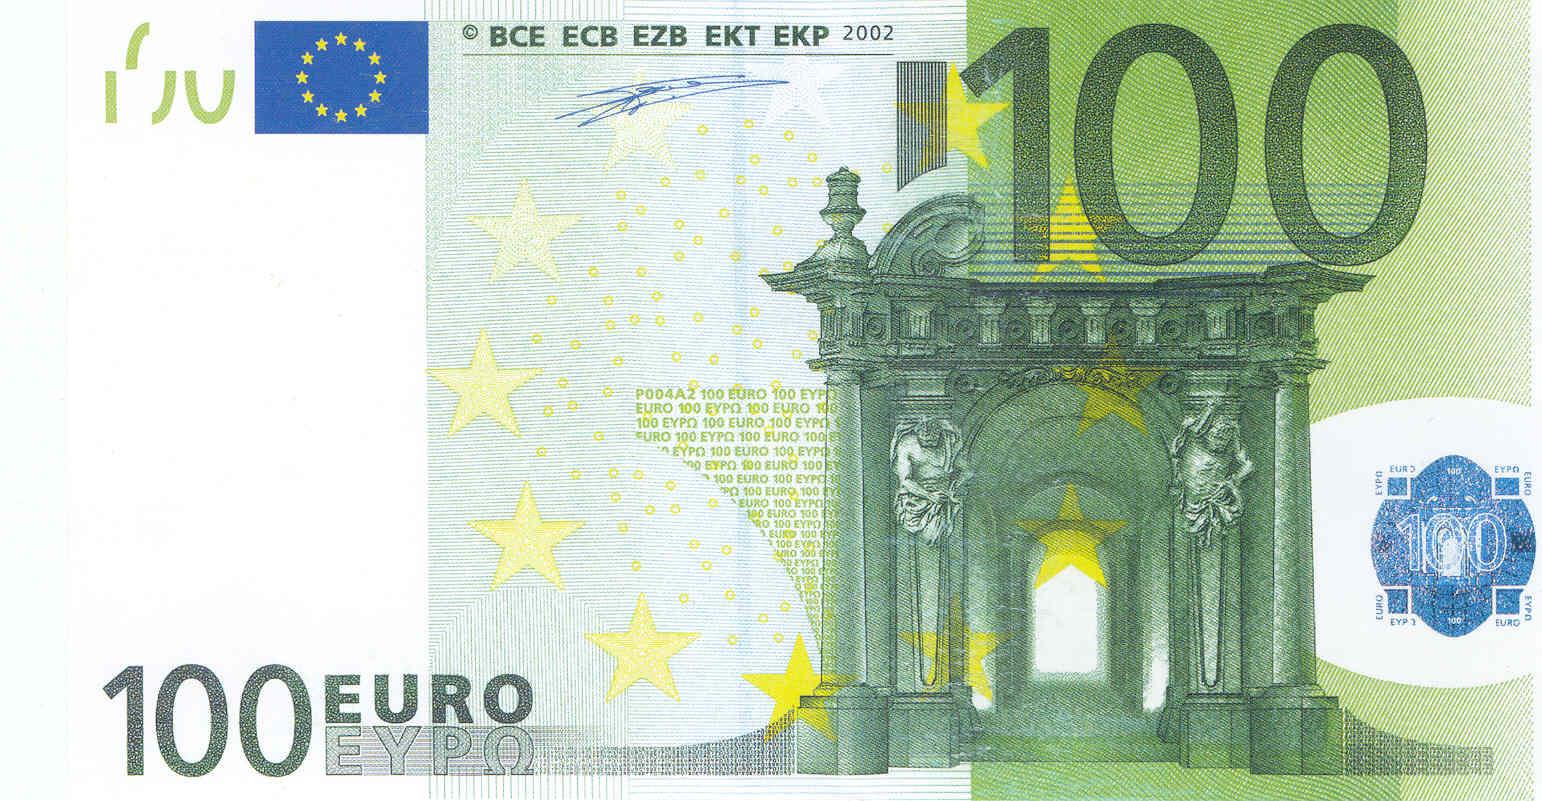 Банкнота 2002 года номиналом 100 евро: цвет – зеленый, архитектурный стиль – барокко. Источник http://raznie.ru/